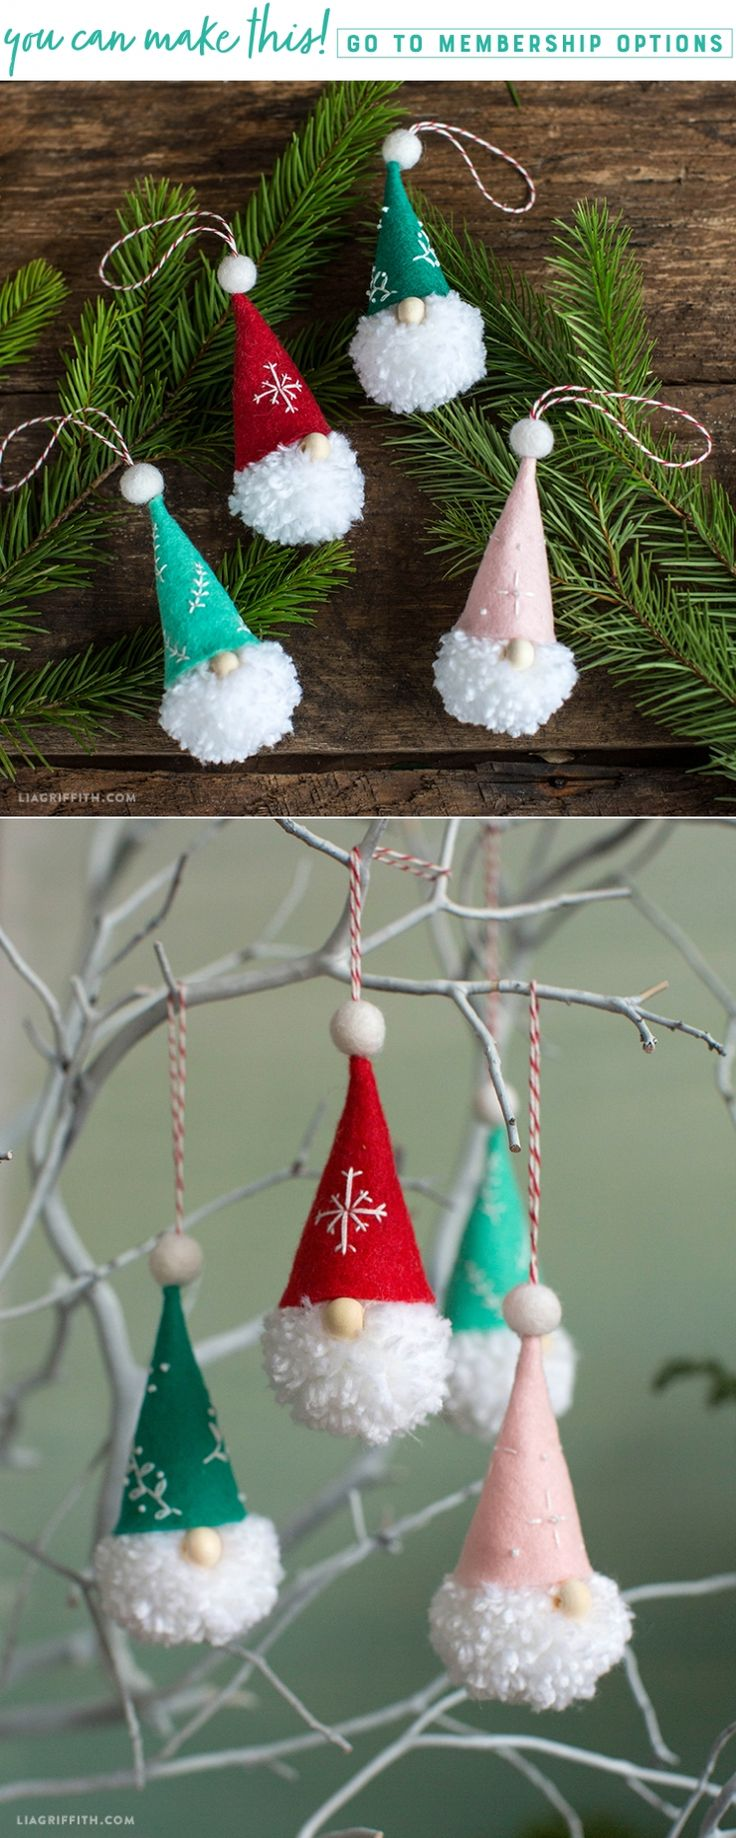 Pom Pom Gnome Ornaments - Lia Griffith - www.liagriffith.com #diyinspiration #diychristmas #diyholiday #diyholidays #diyornaments #diyproject #diyprojects #tonttu #tomte #nisse #gnome #madewithlia